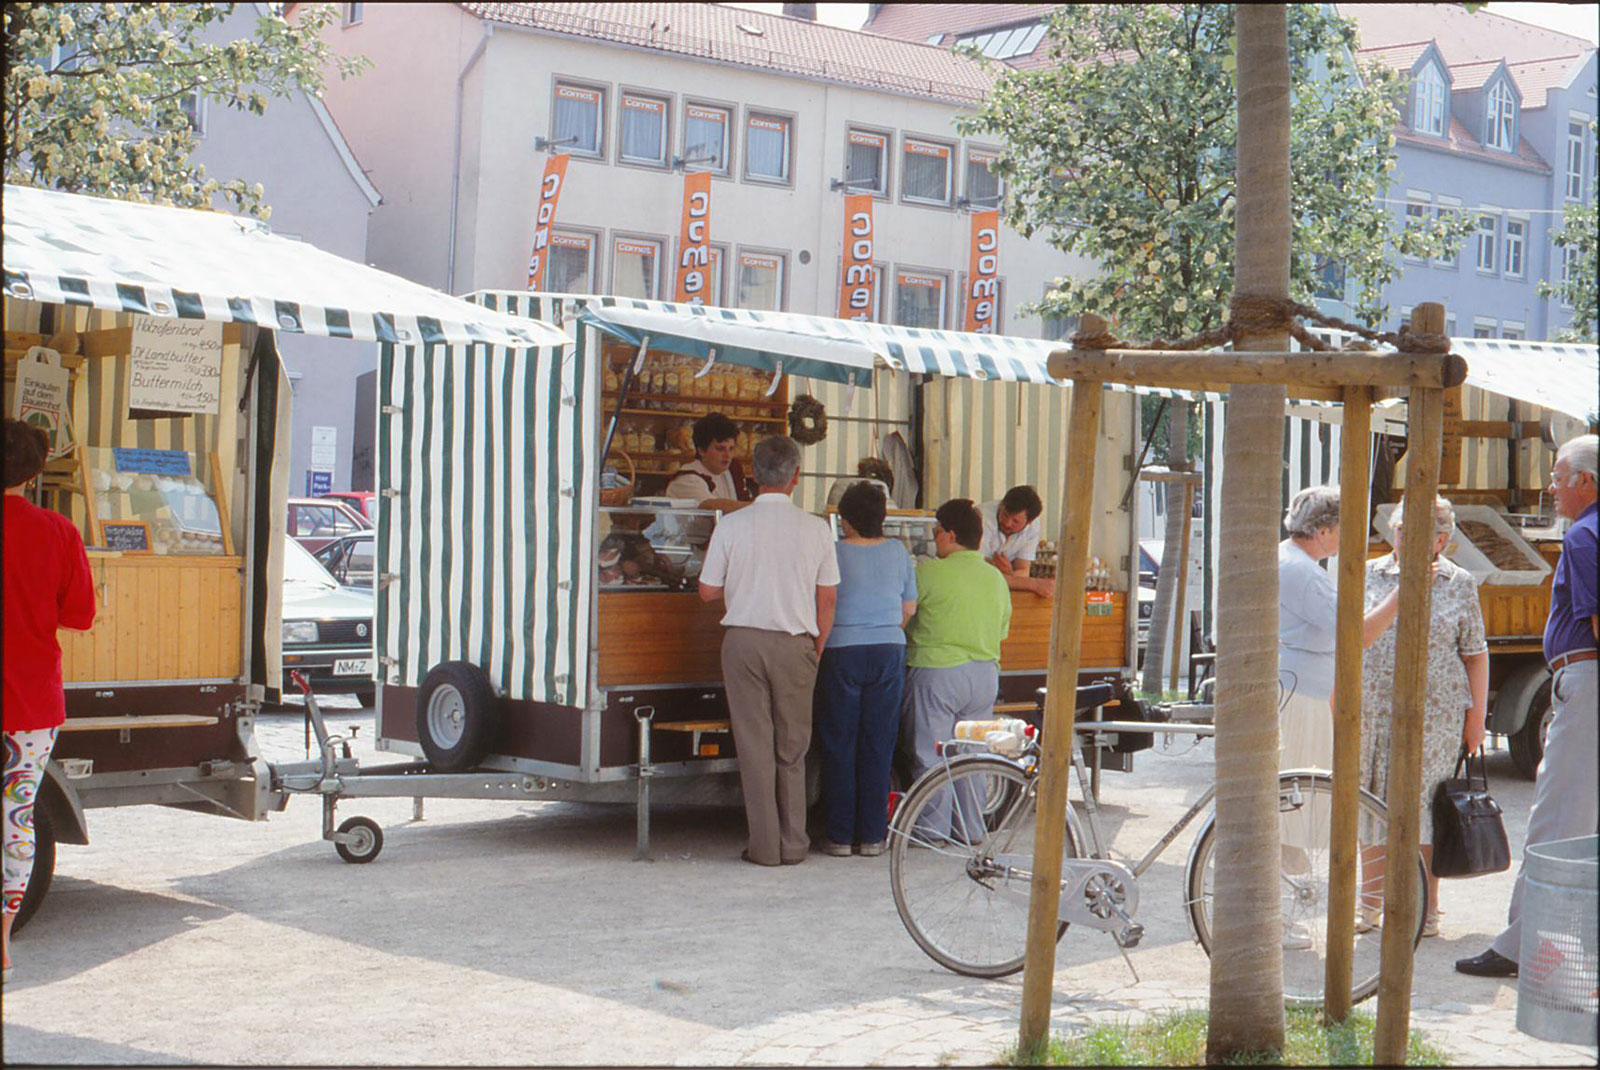 Buntes Treiben am Marktplatz in Neumarkt